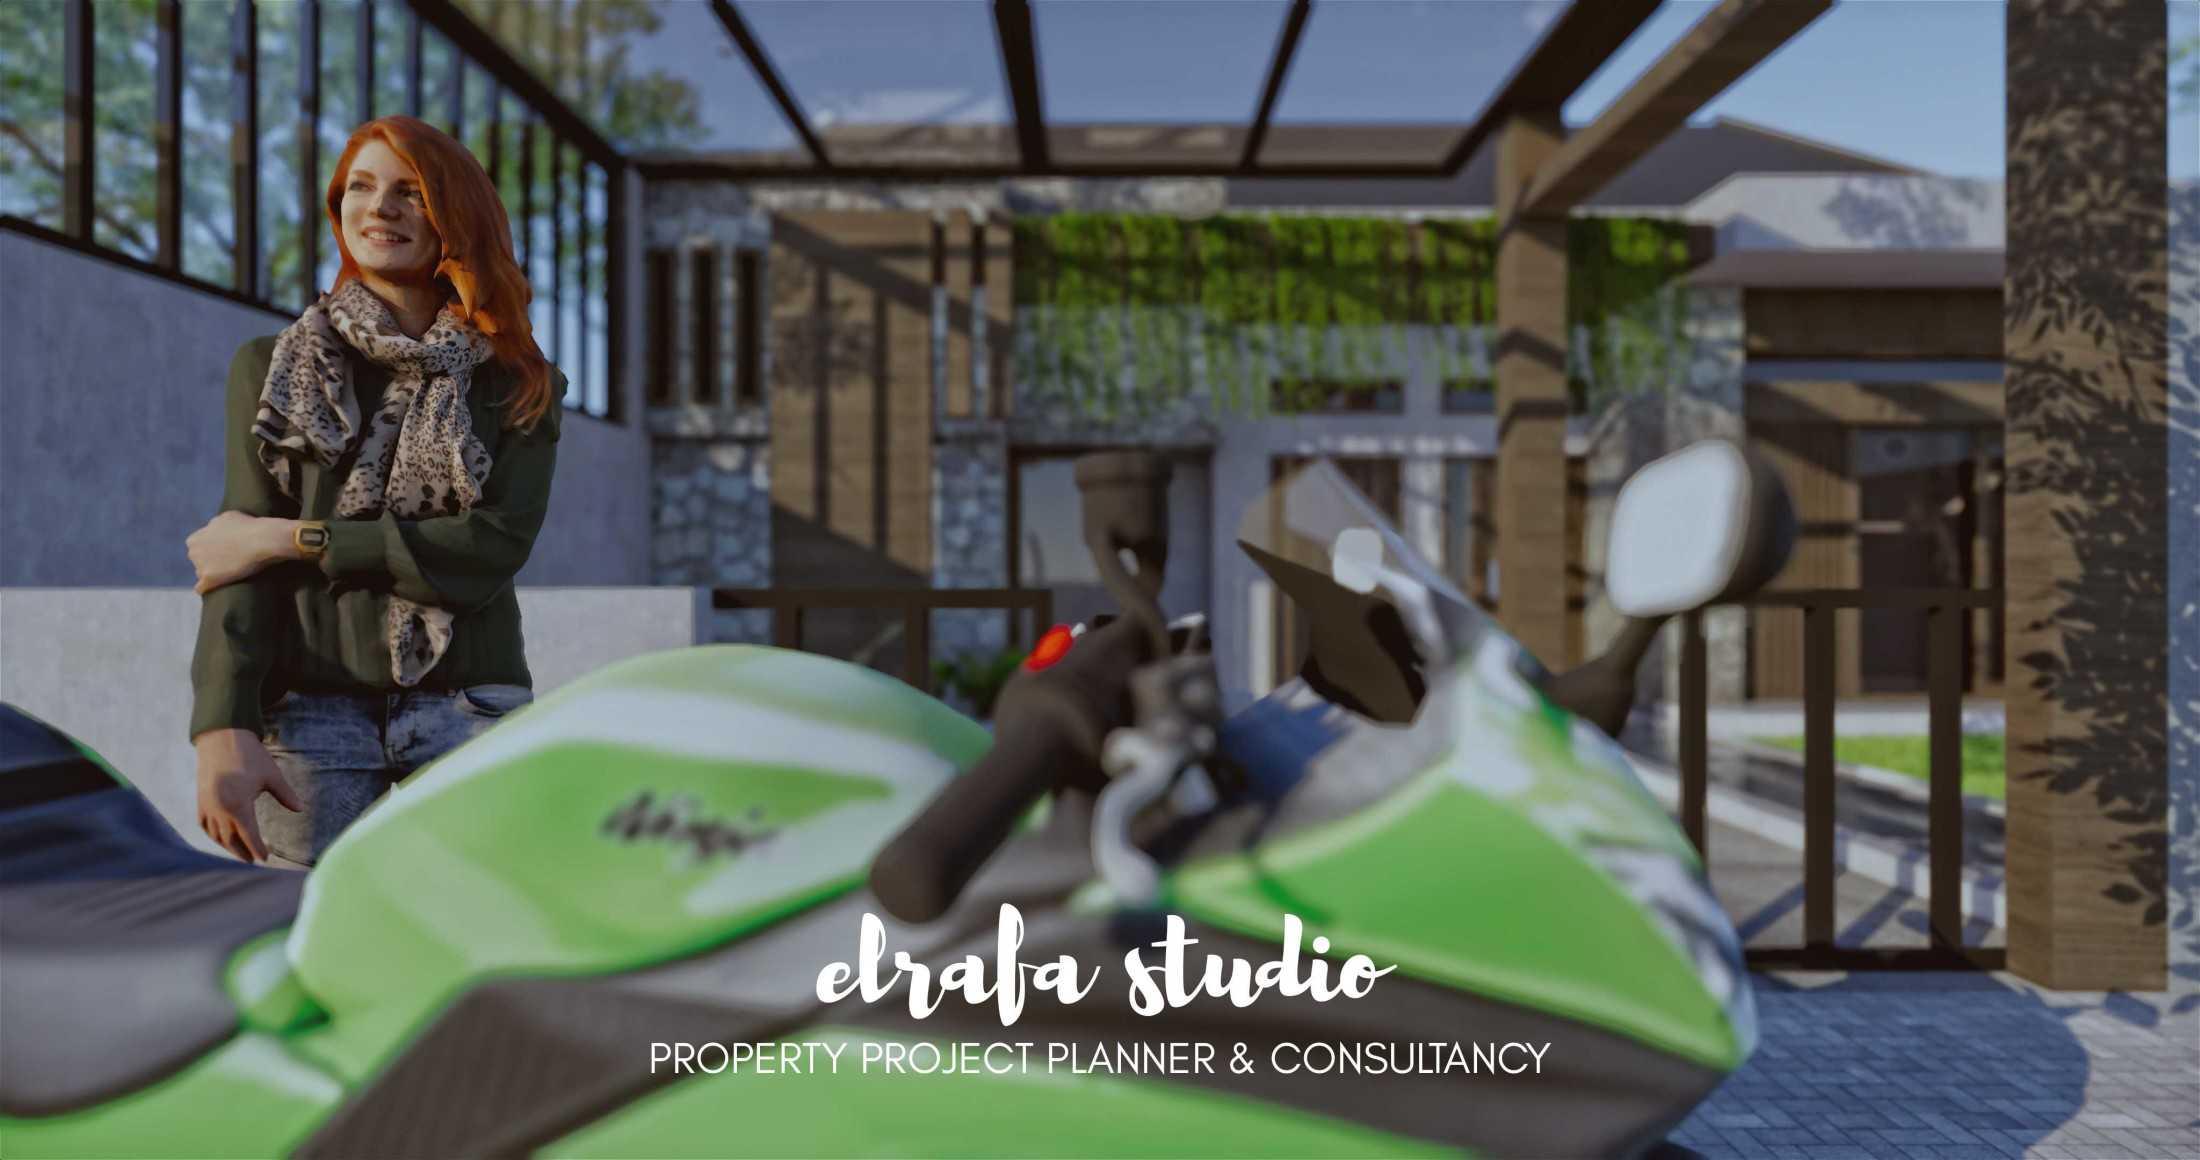 Elrafa Studio Desain Eksterior Rumah Modern Tropis (Tropical Modern) Di Tasikmalaya Tasikmalaya, Jawa Barat, Indonesia Tasikmalaya, Jawa Barat, Indonesia Elrafa-Studio-Desain-Eksterior-Rumah-Modern-Tropis-Tropical-Modern-Di-Tasikmalaya  63534